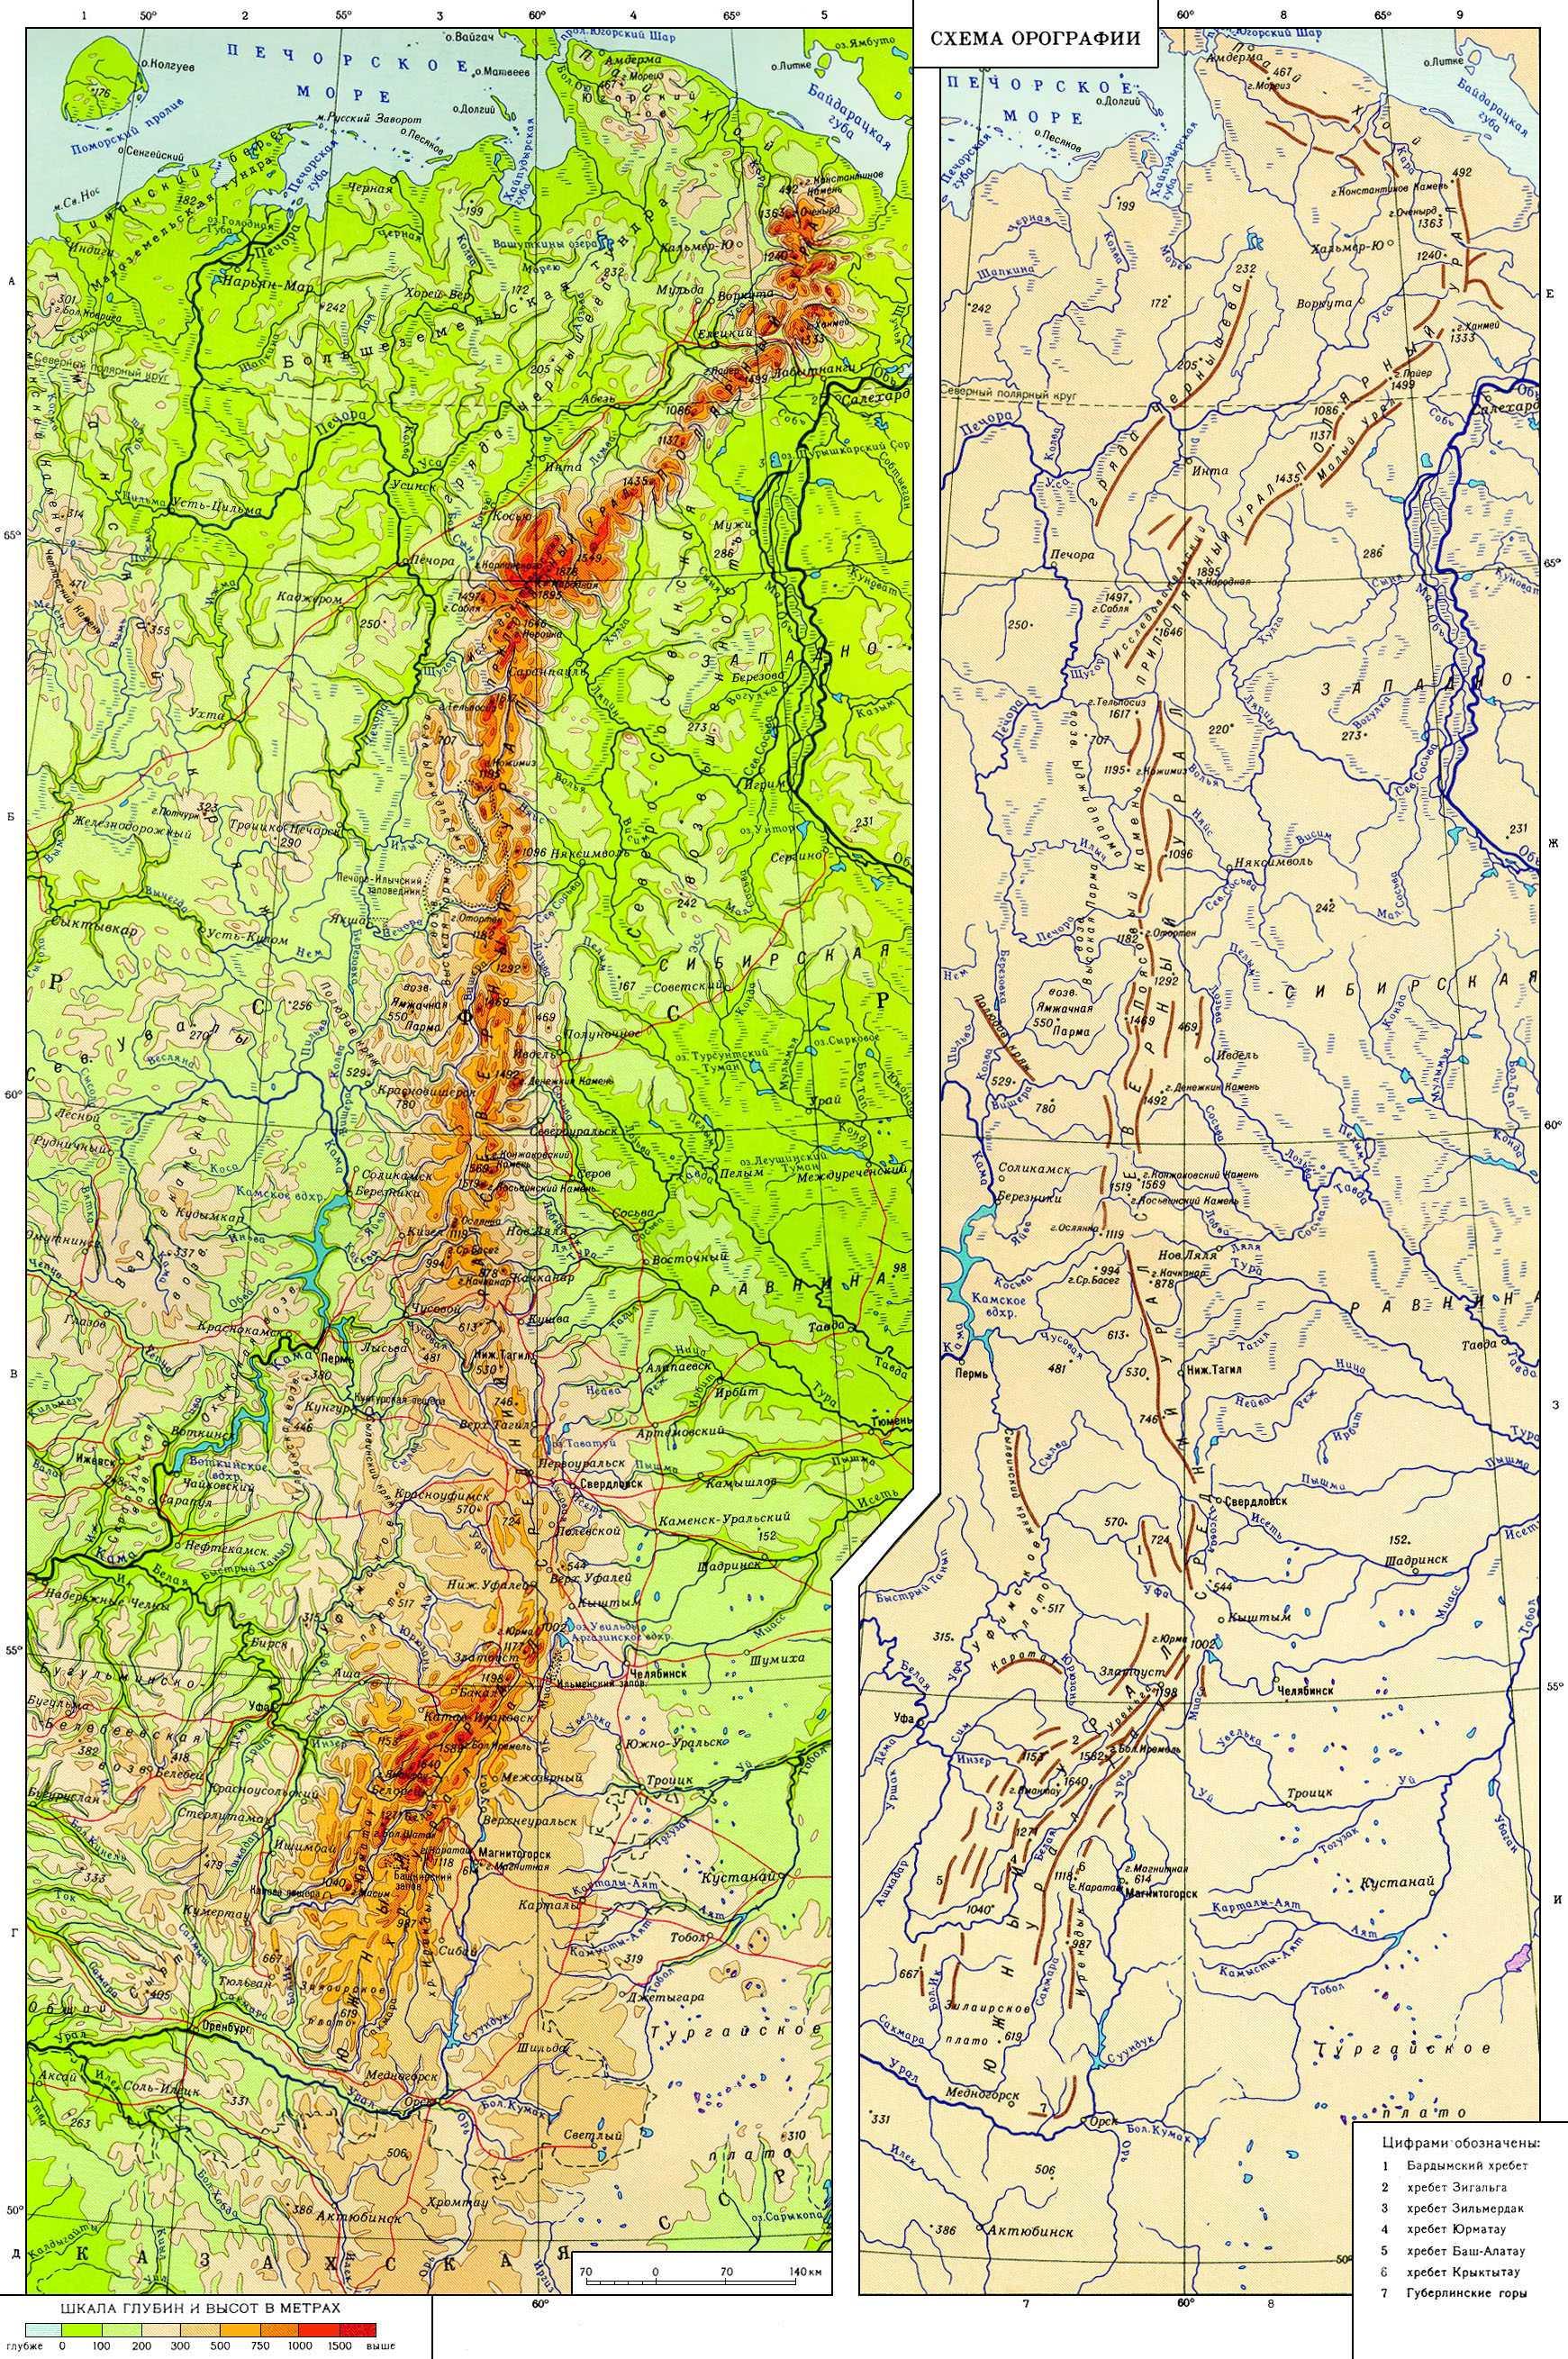 Опорные регионы уральского фо